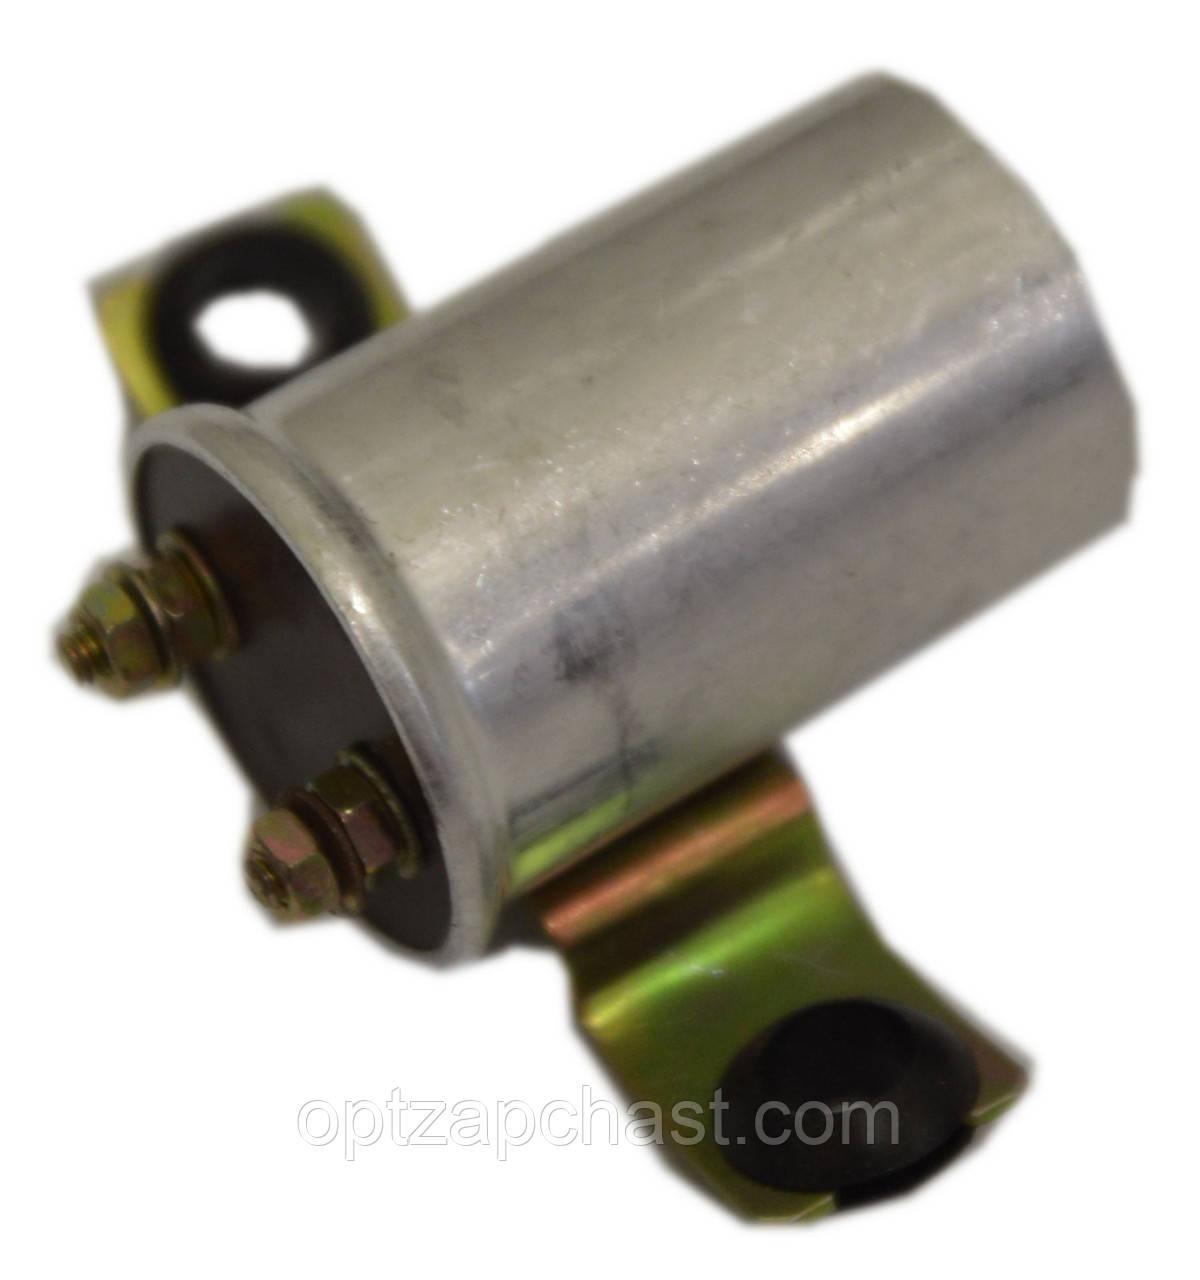 Реле указателя поворотов и аварийной сигнализации с планкой12 Вт (РС-401) РС401М-3726010